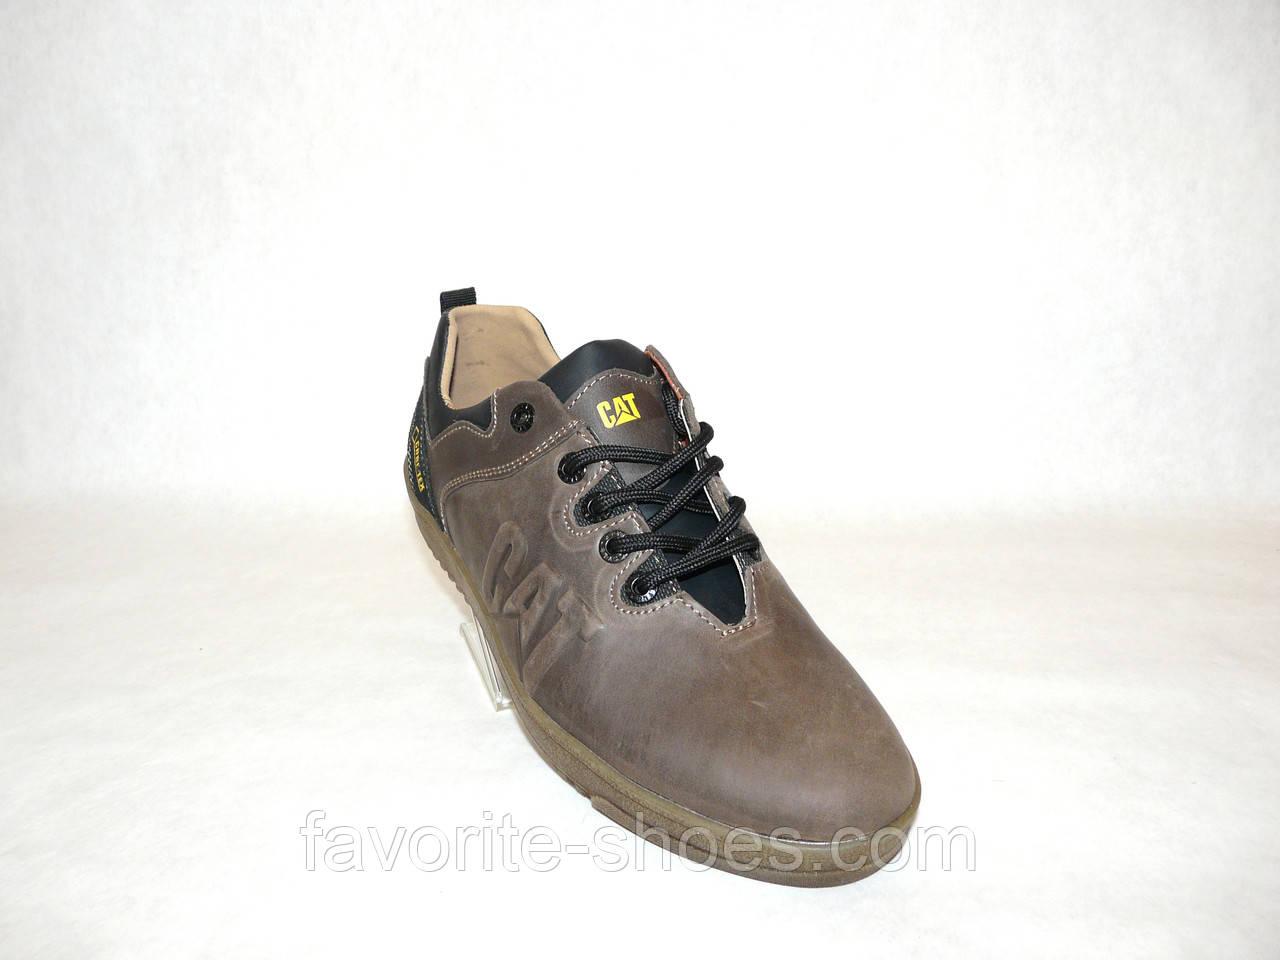 f4d99593 Кожаные мужские кроссовки CAT кор.каучук 42 размер, цена 880 грн., купить  Лубны — Prom.ua (ID#572745245)